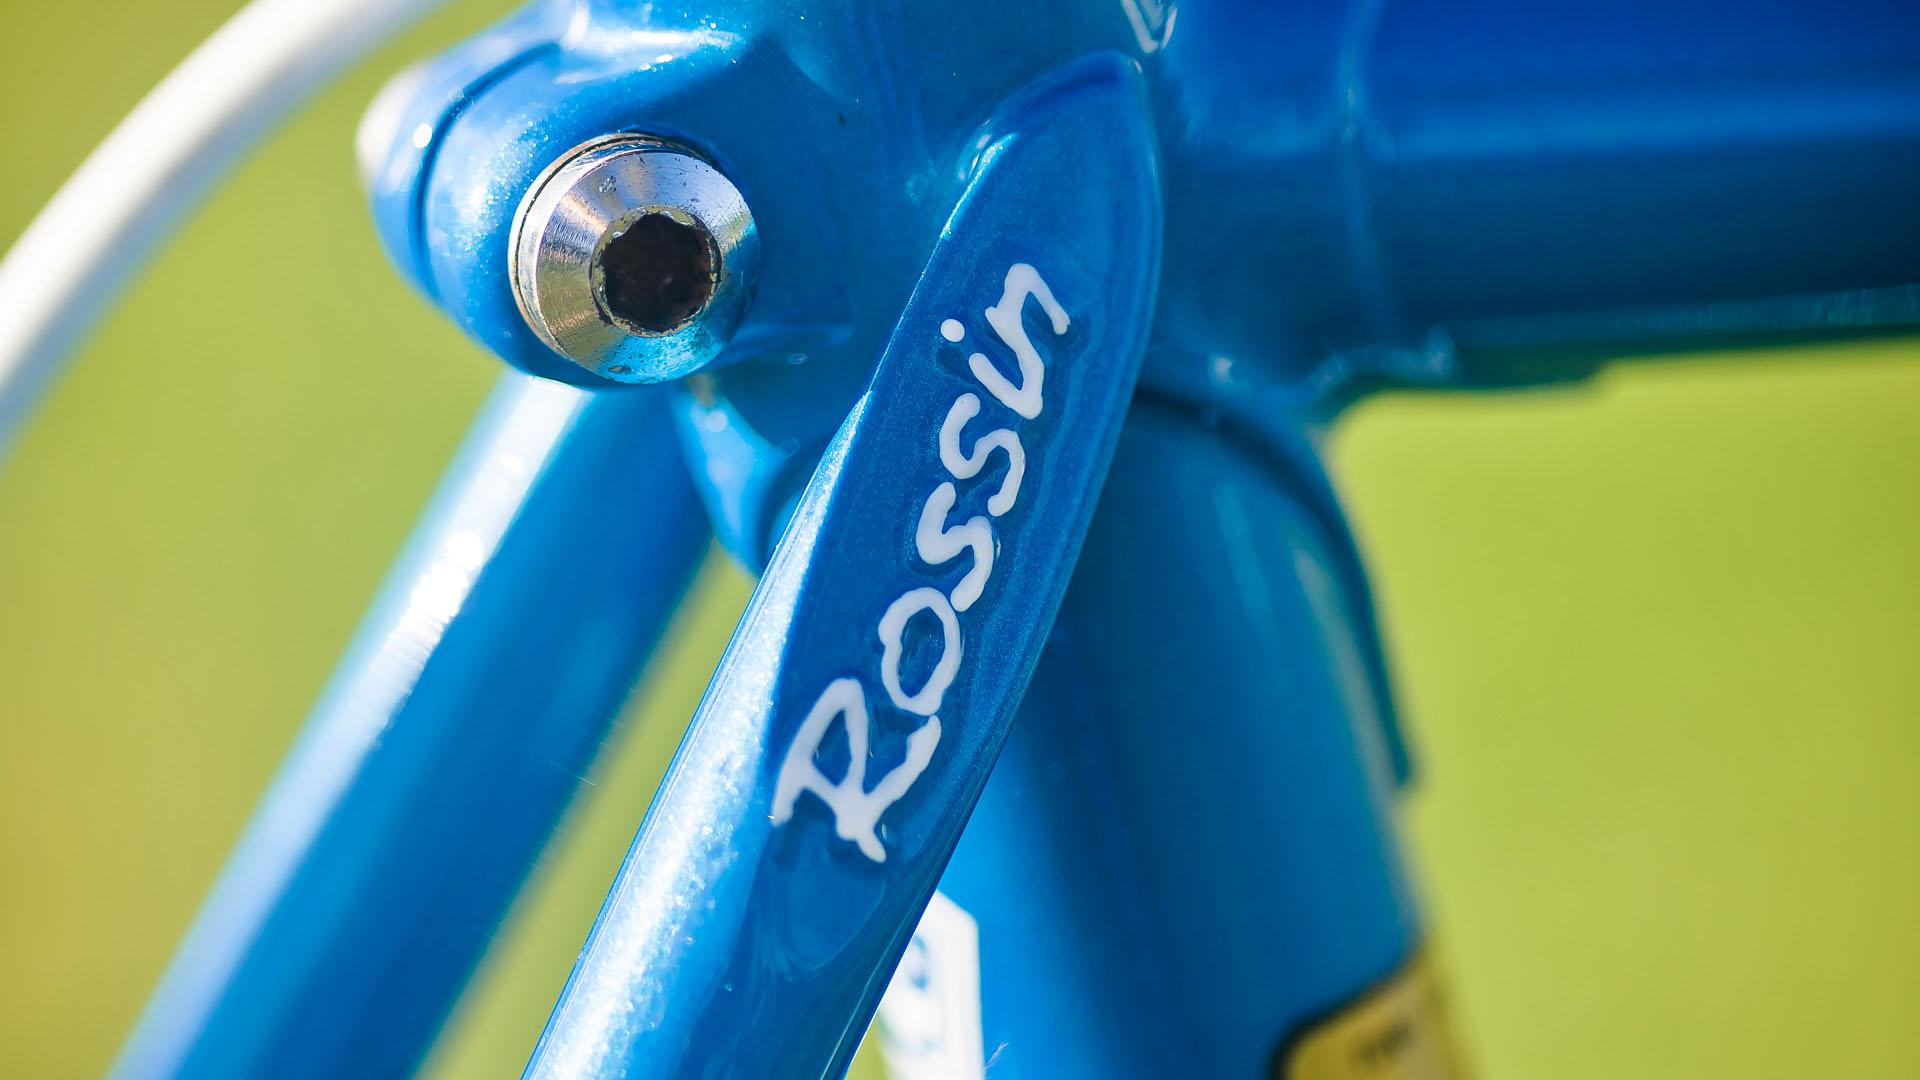 rear stay detail